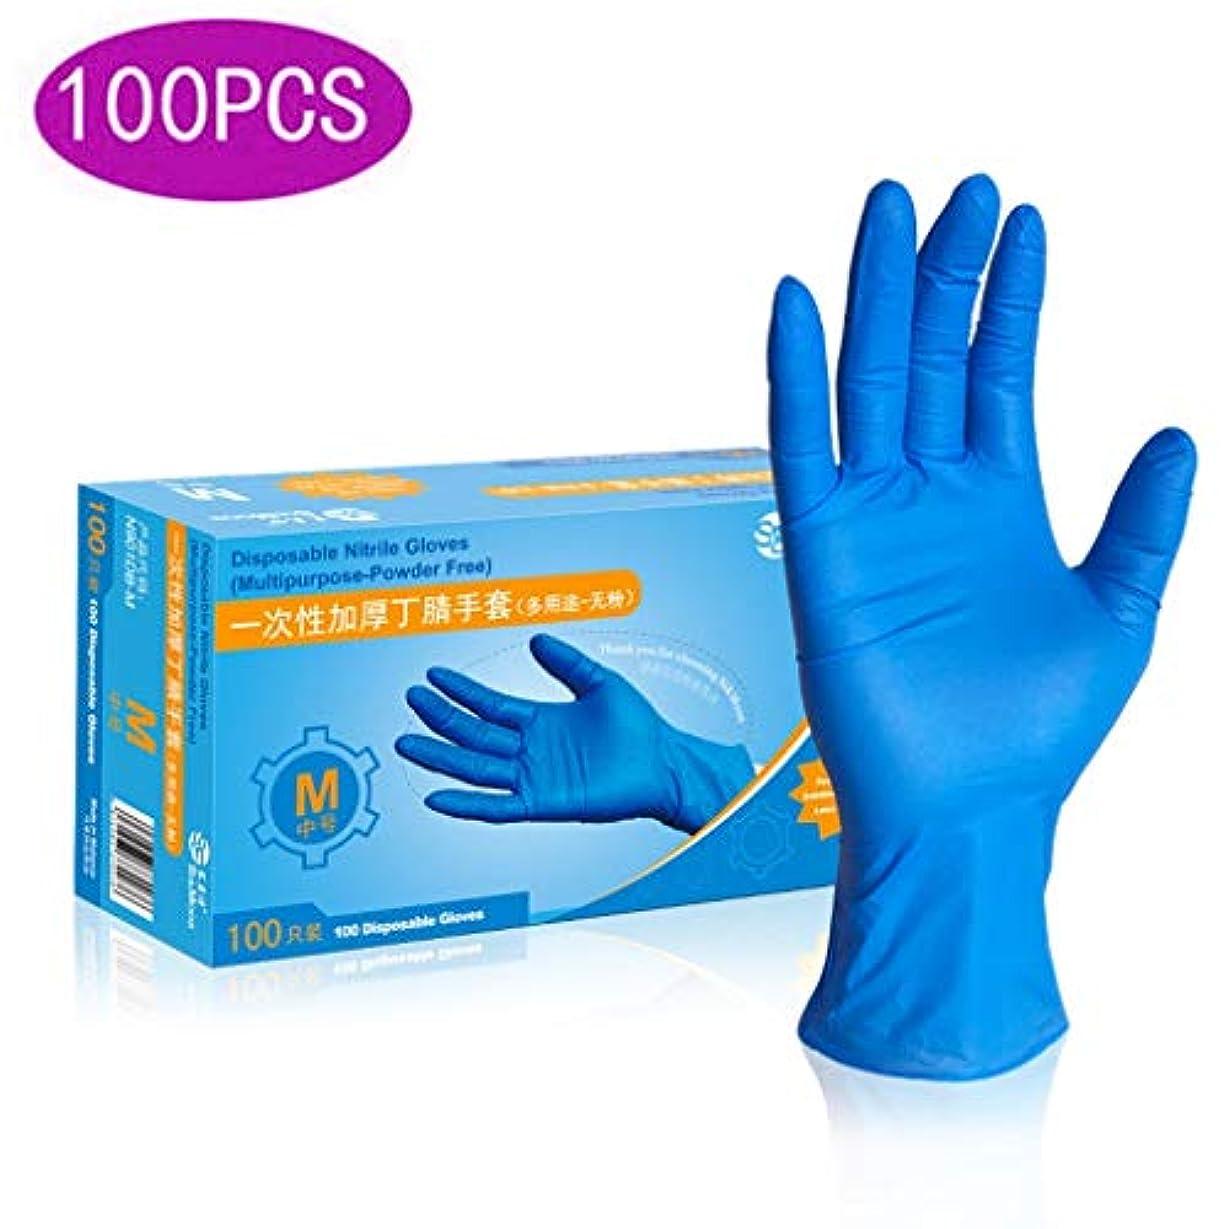 聖書びっくり聞く使い捨てラテックス手袋使い捨てニトリル実験用食用油や耐酸グレード (Color : 9 inch, Size : M)